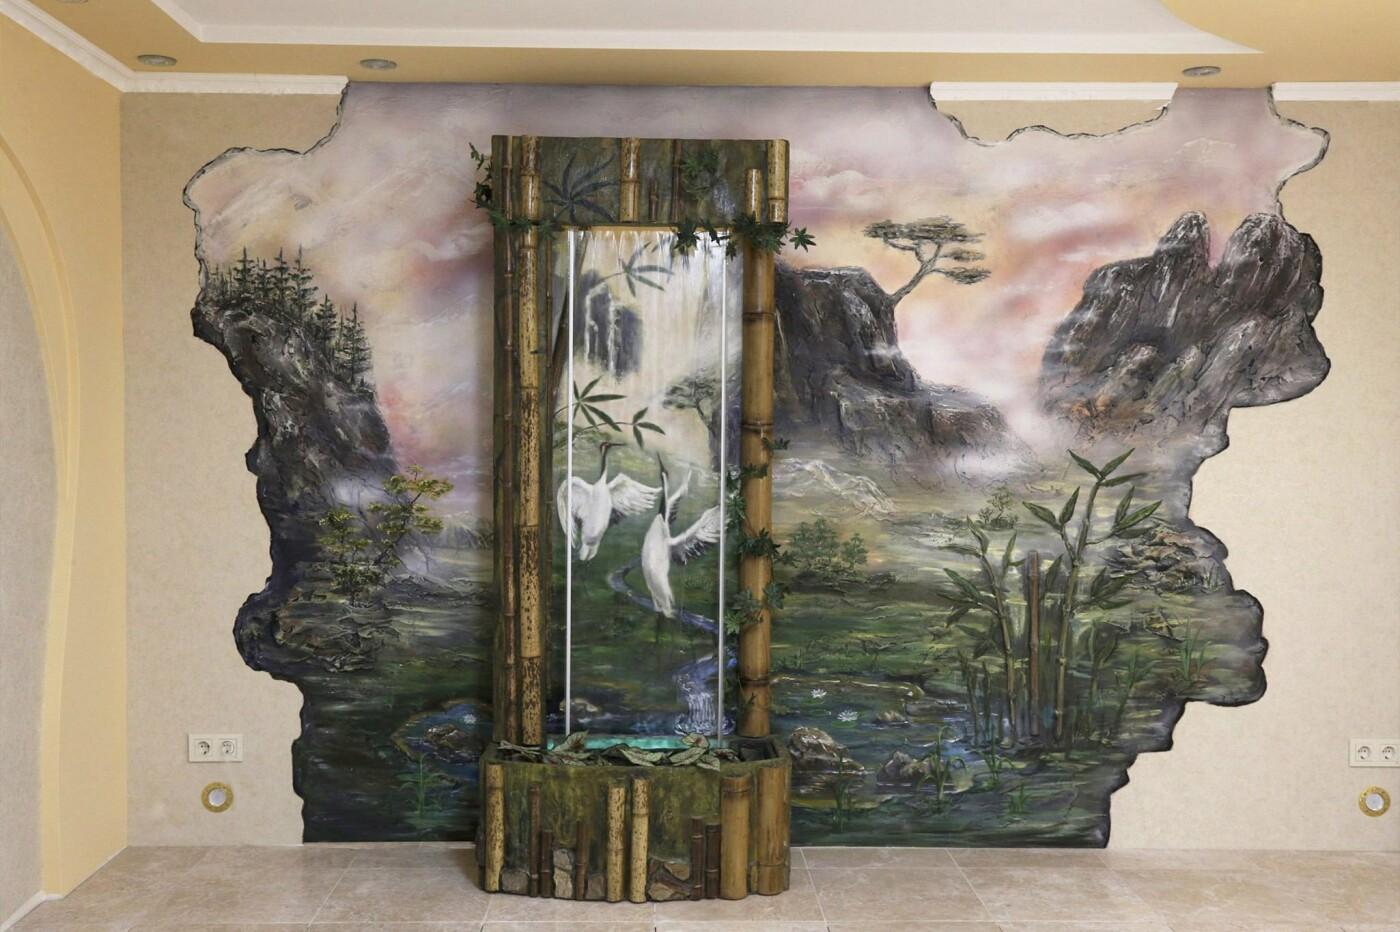 Сучасний розпис стін, Дизайн-студія Романа Москаленка